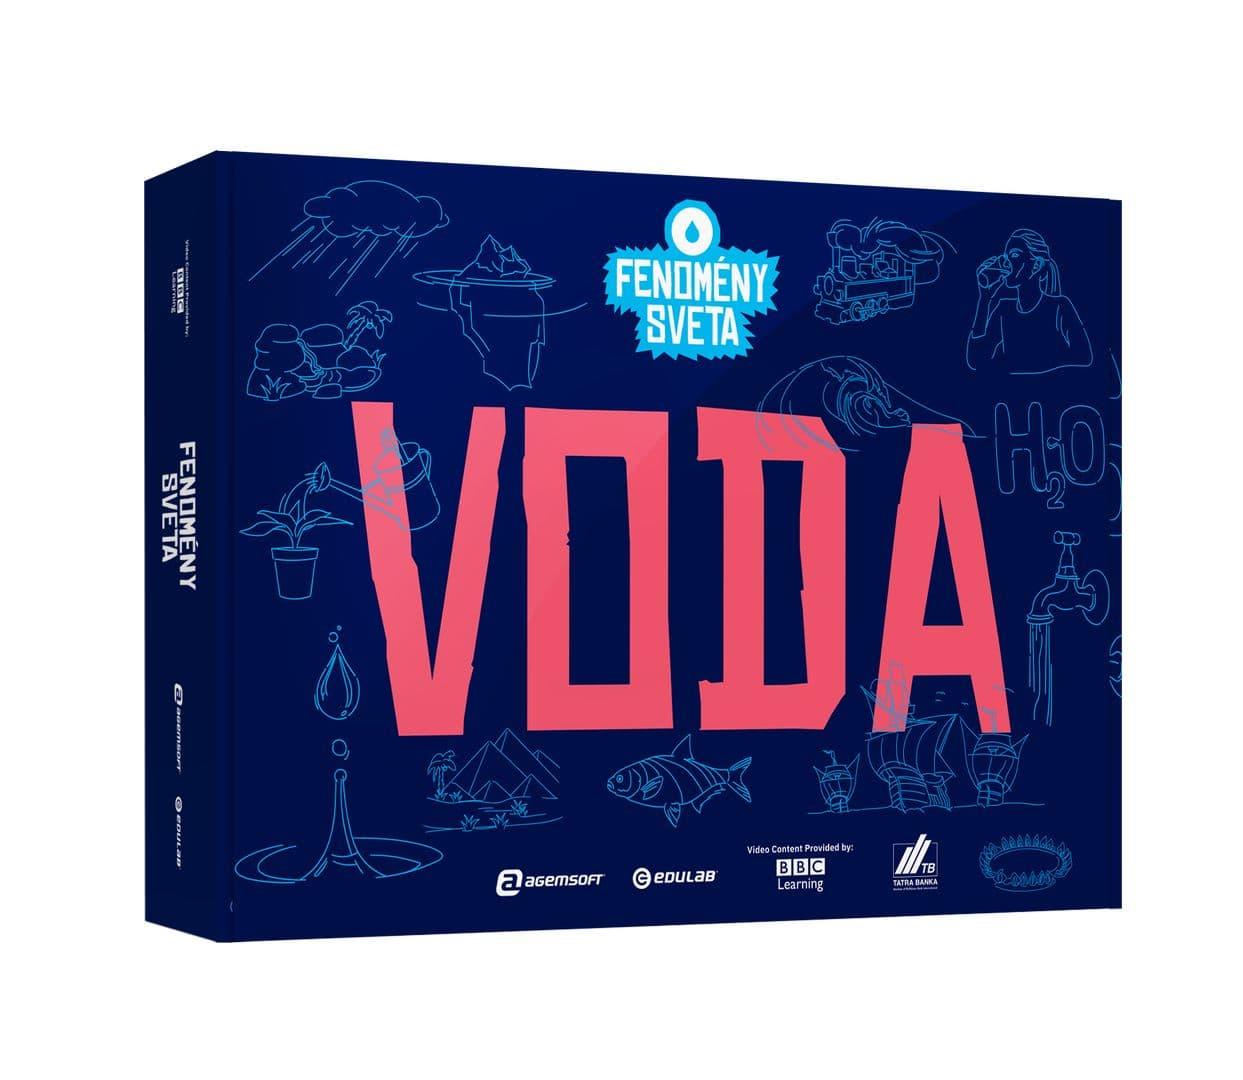 fenomeny_box_voda_+Tatra_logo_V02